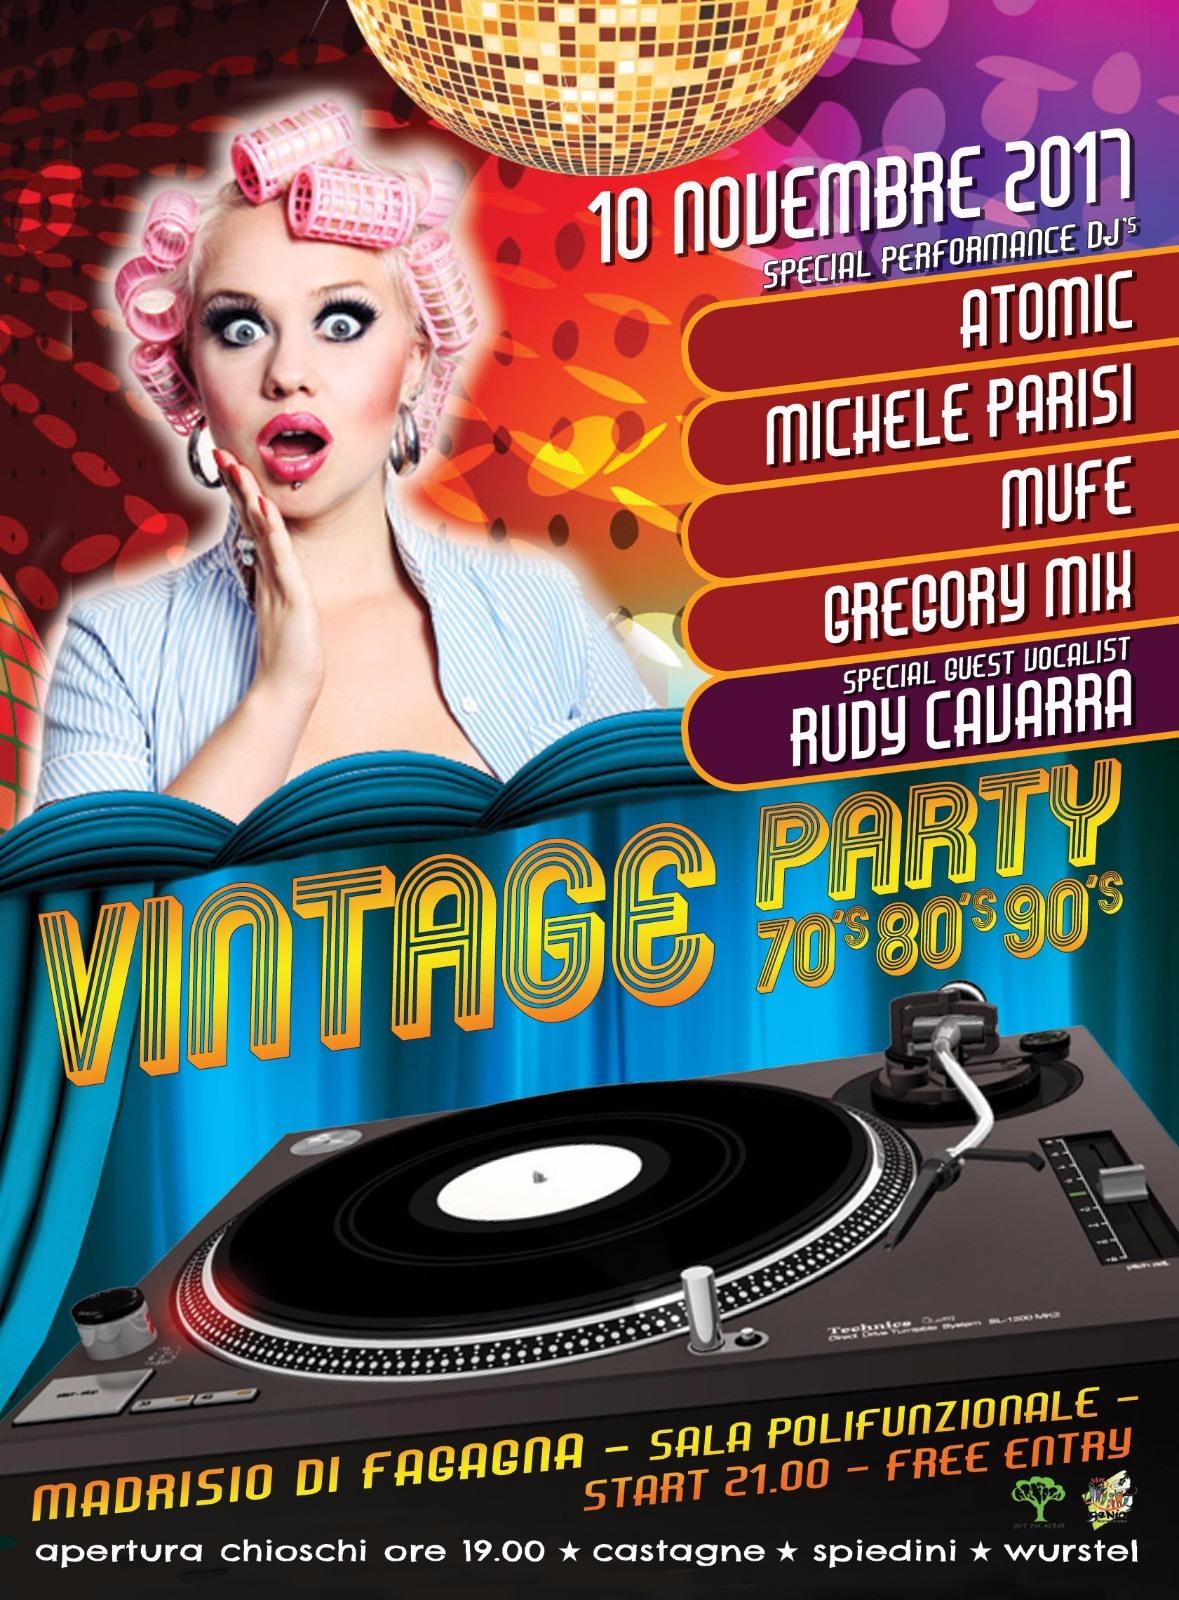 evento friuli 23f694e6 602c 4ef7 8456 b3f2a47a9800 10.11.2017   vintage party 70/80/90 Madrisio di Fagagna